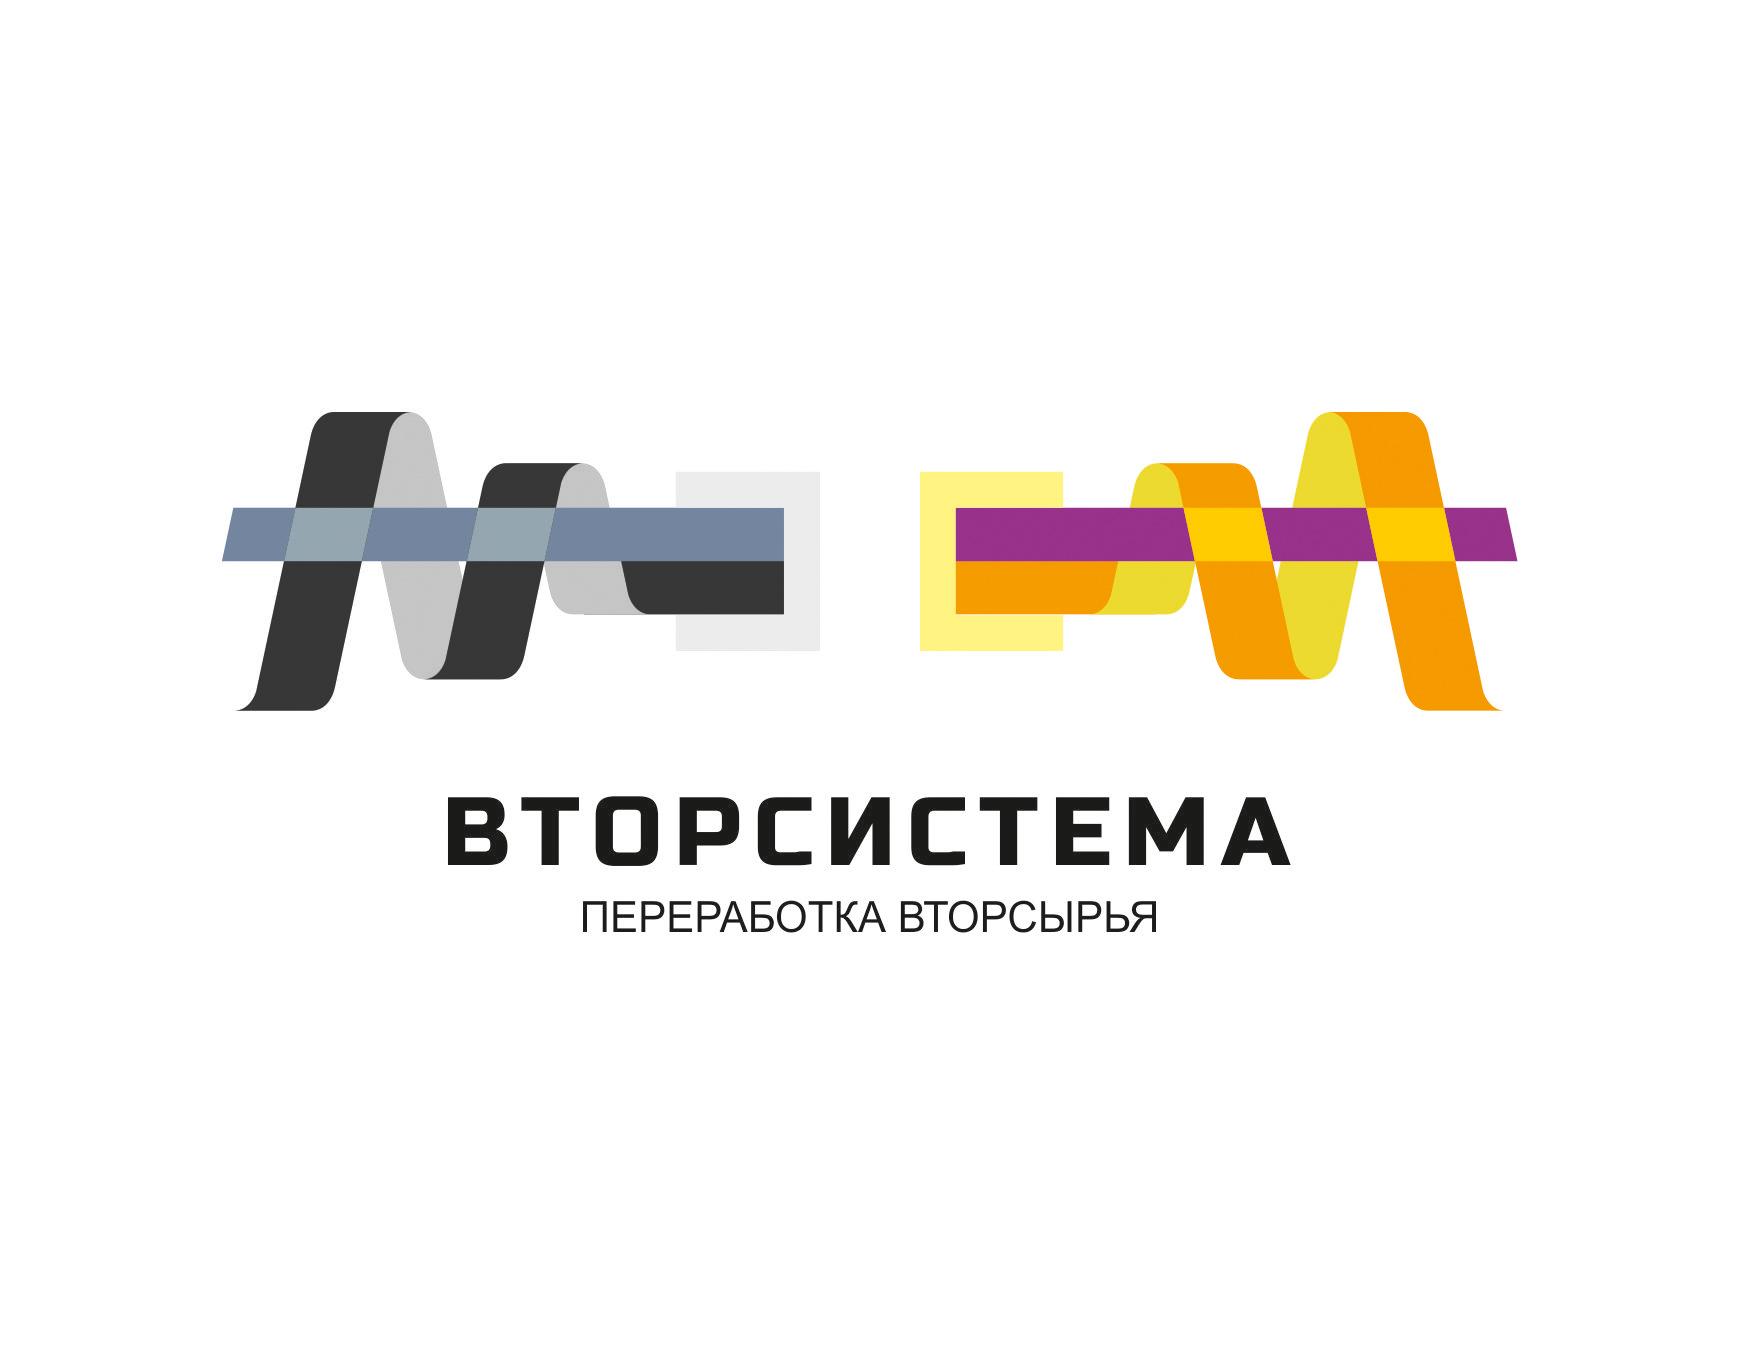 Нужно разработать логотип и дизайн визитки фото f_2405550ae1d4fb8f.jpg